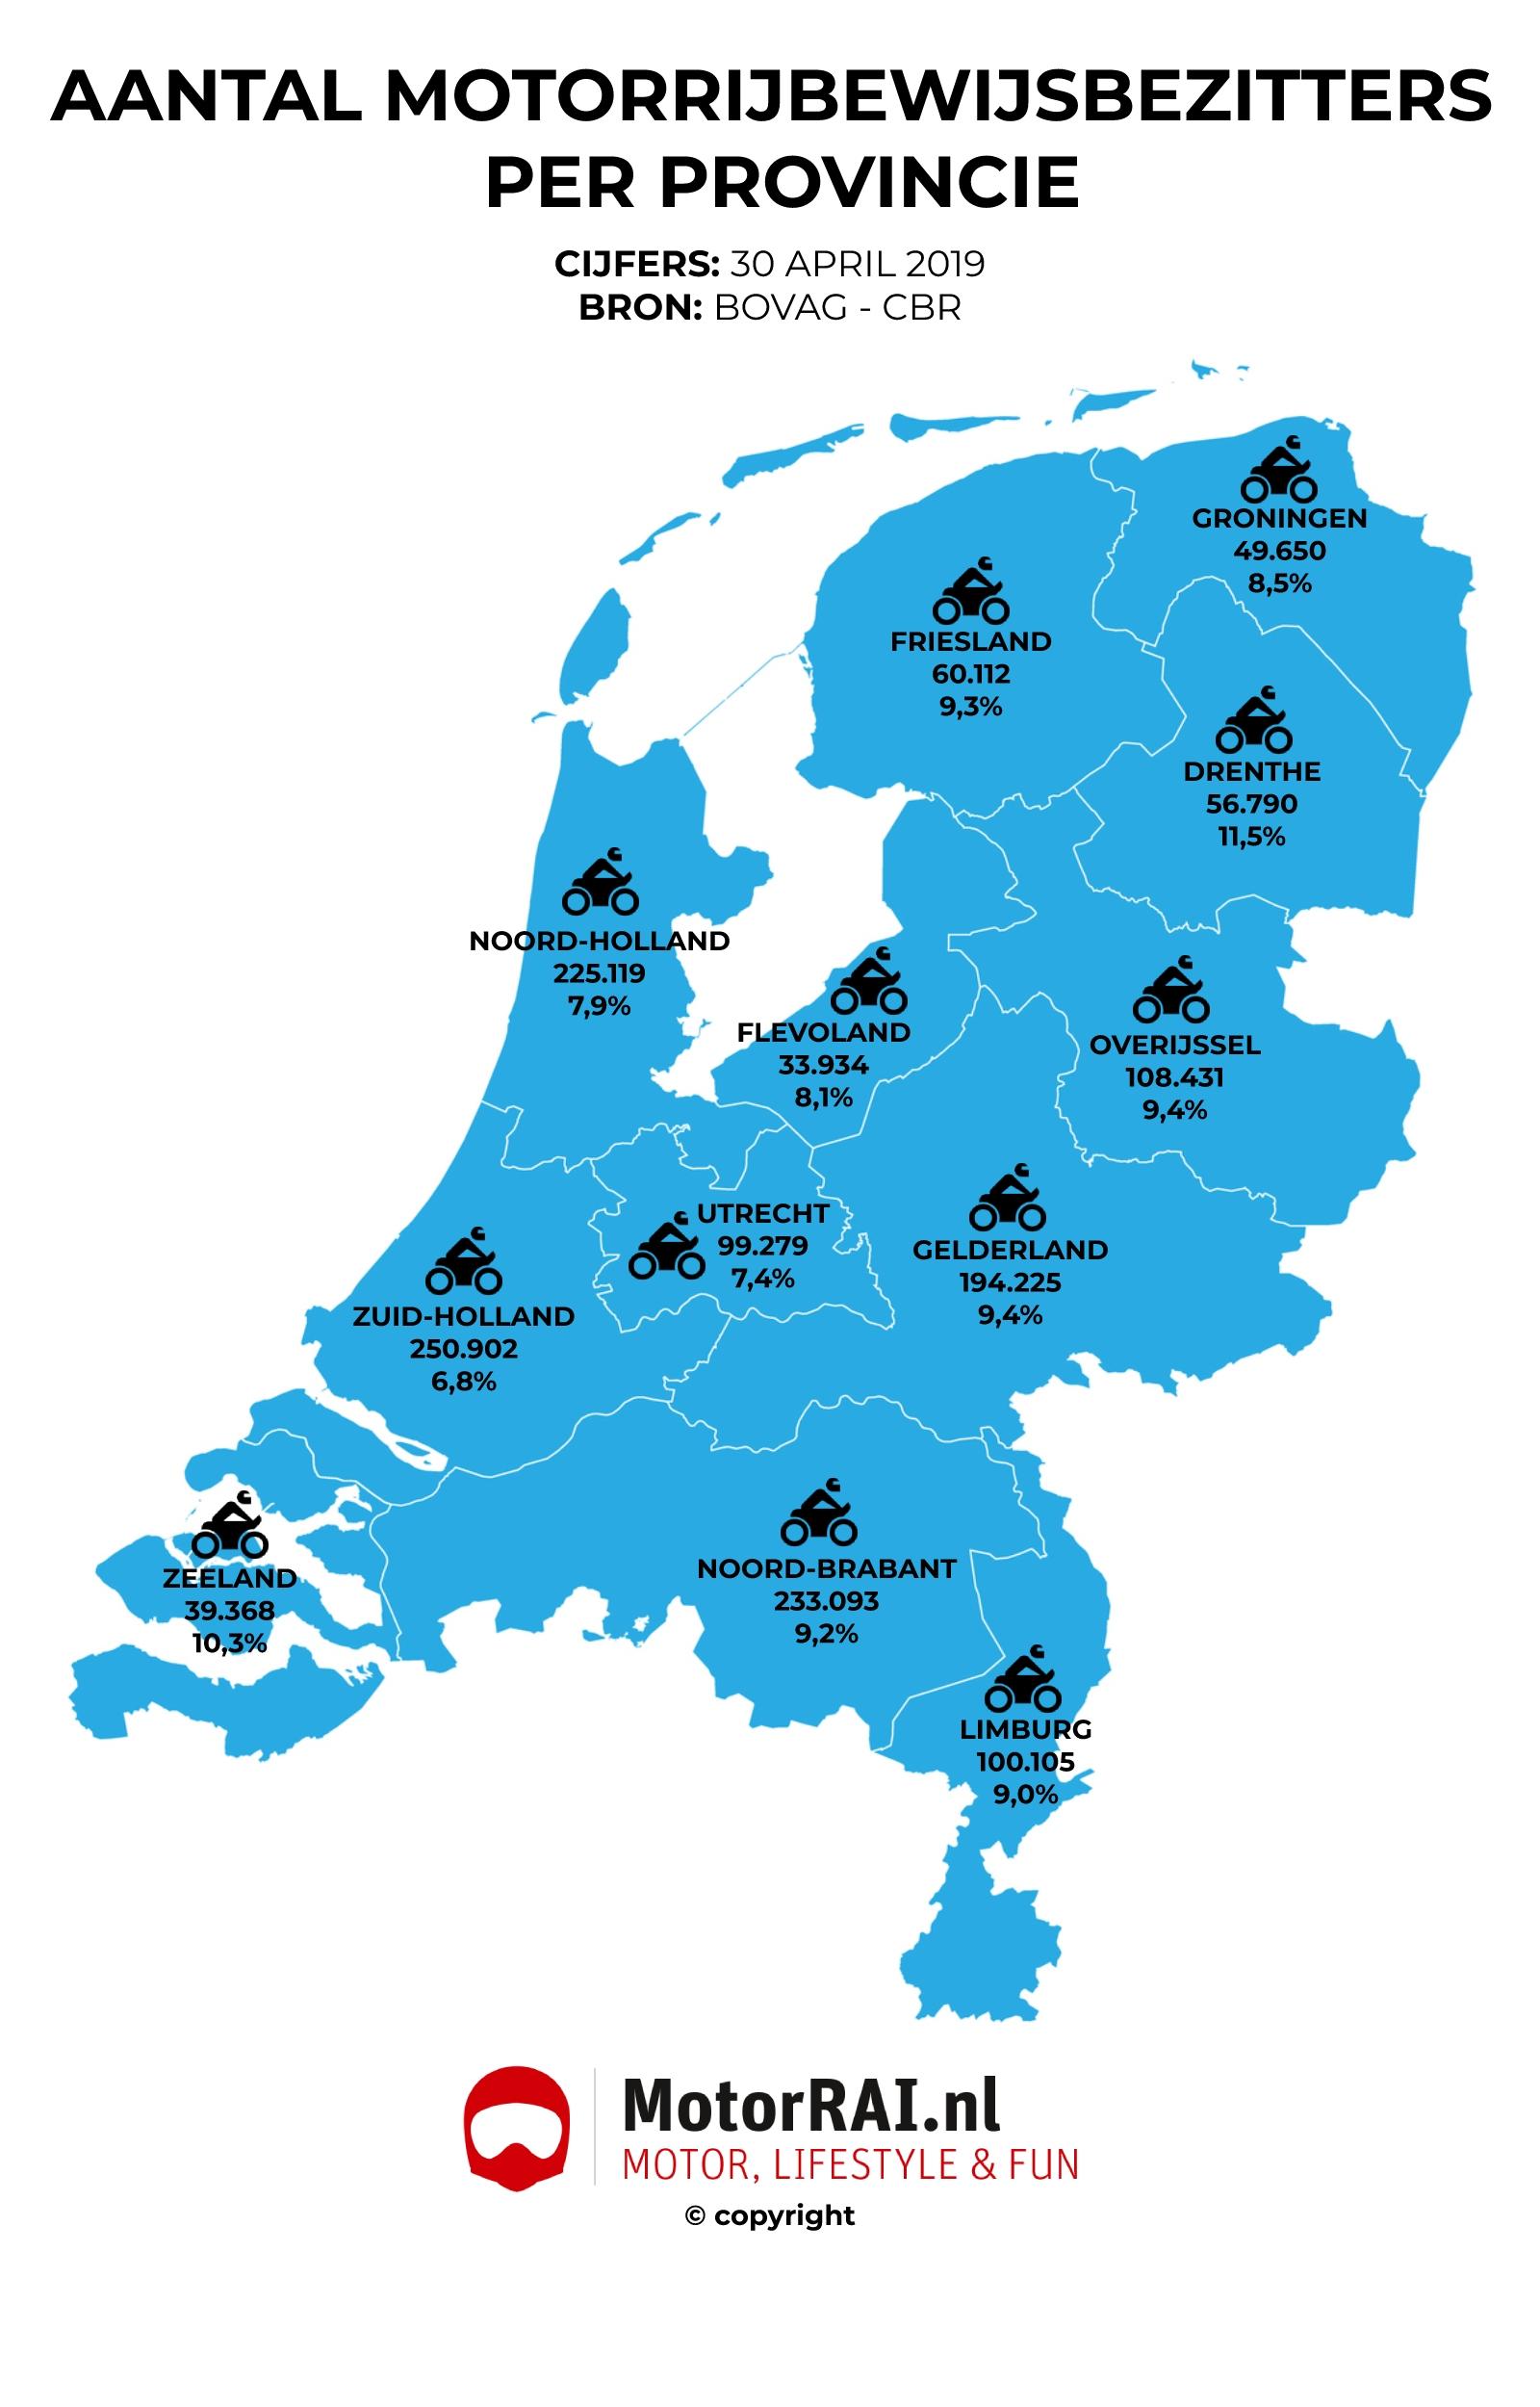 Demotorrijbewijsbezitters per provincie - copyright MotorRAI.nl